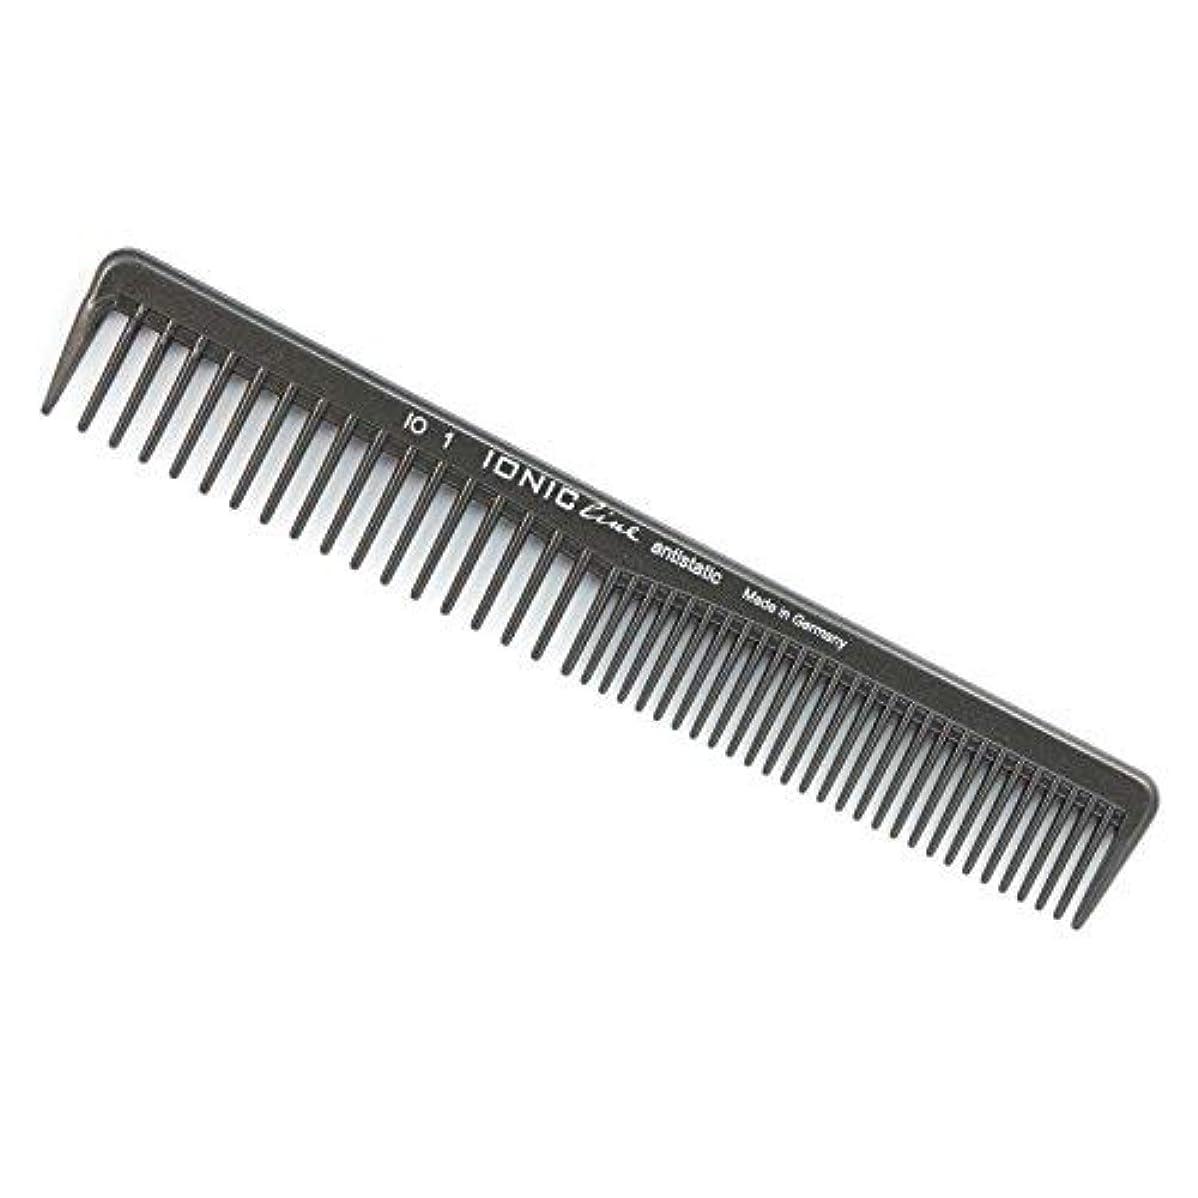 木減衰理容師Hercules S?gemann Ionic Line Cutting Comb with coarse and Very coarse Teeth | Ionized Thermoplastic - Made in Germany [並行輸入品]